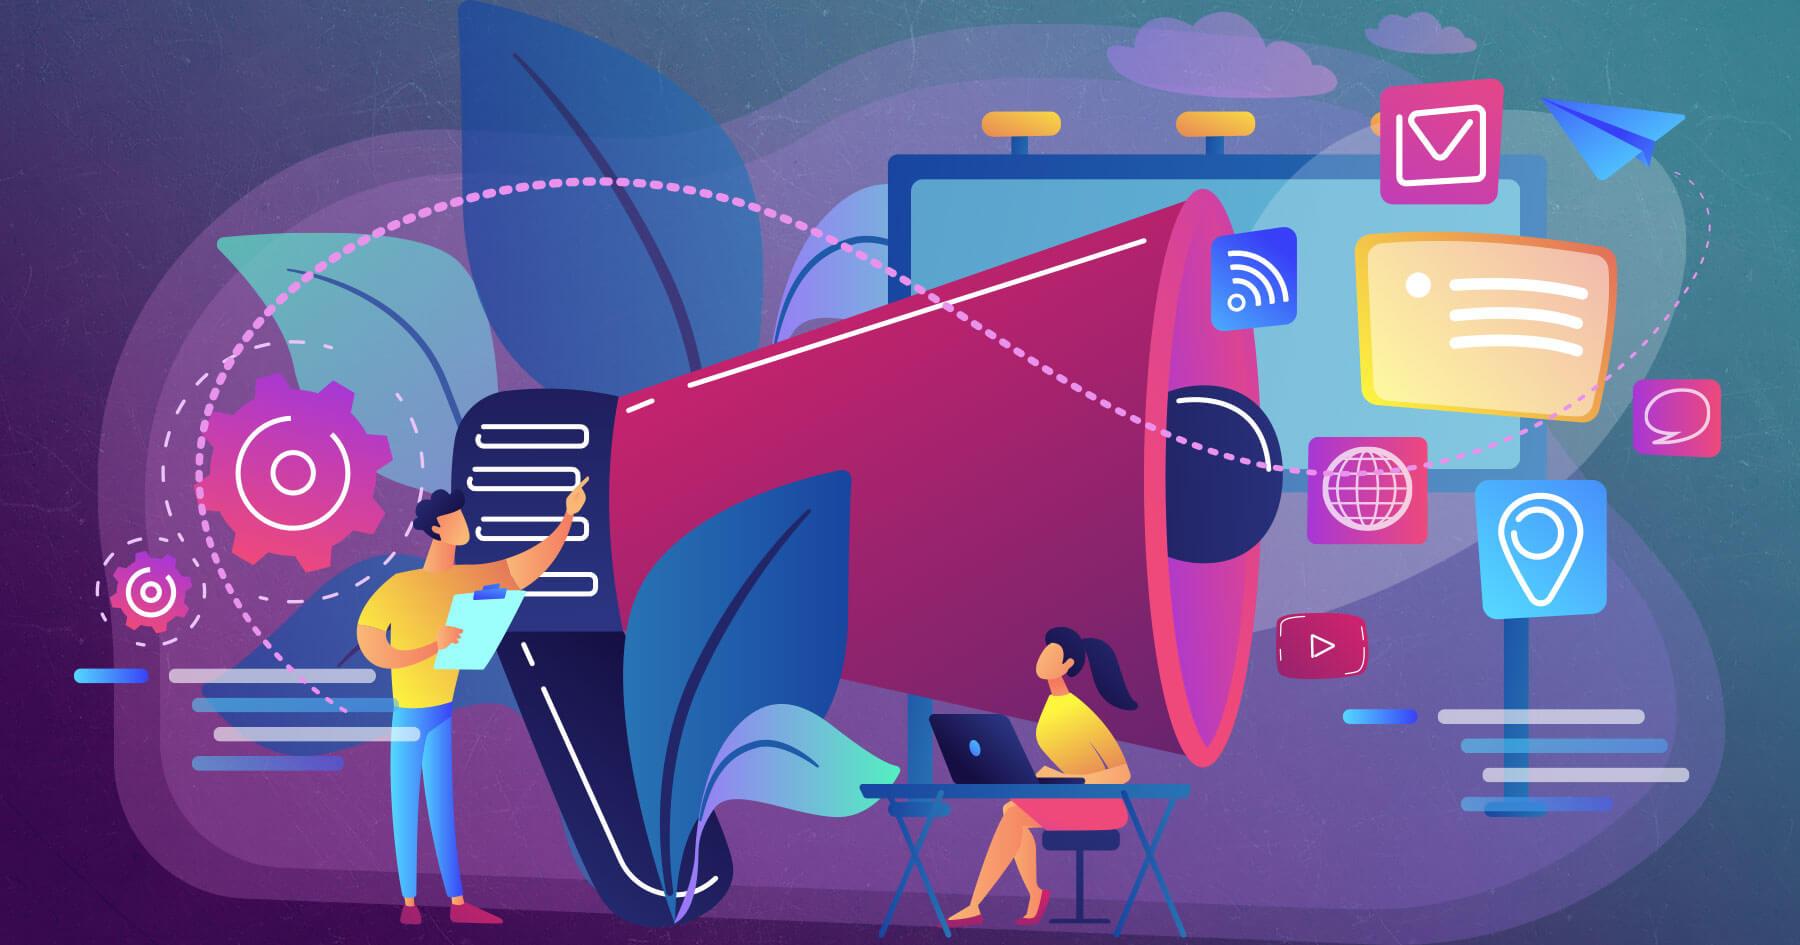 Guia para Empoderamento Digital: acesse dicas práticas de tecnologia para começar a usar agora mesmo